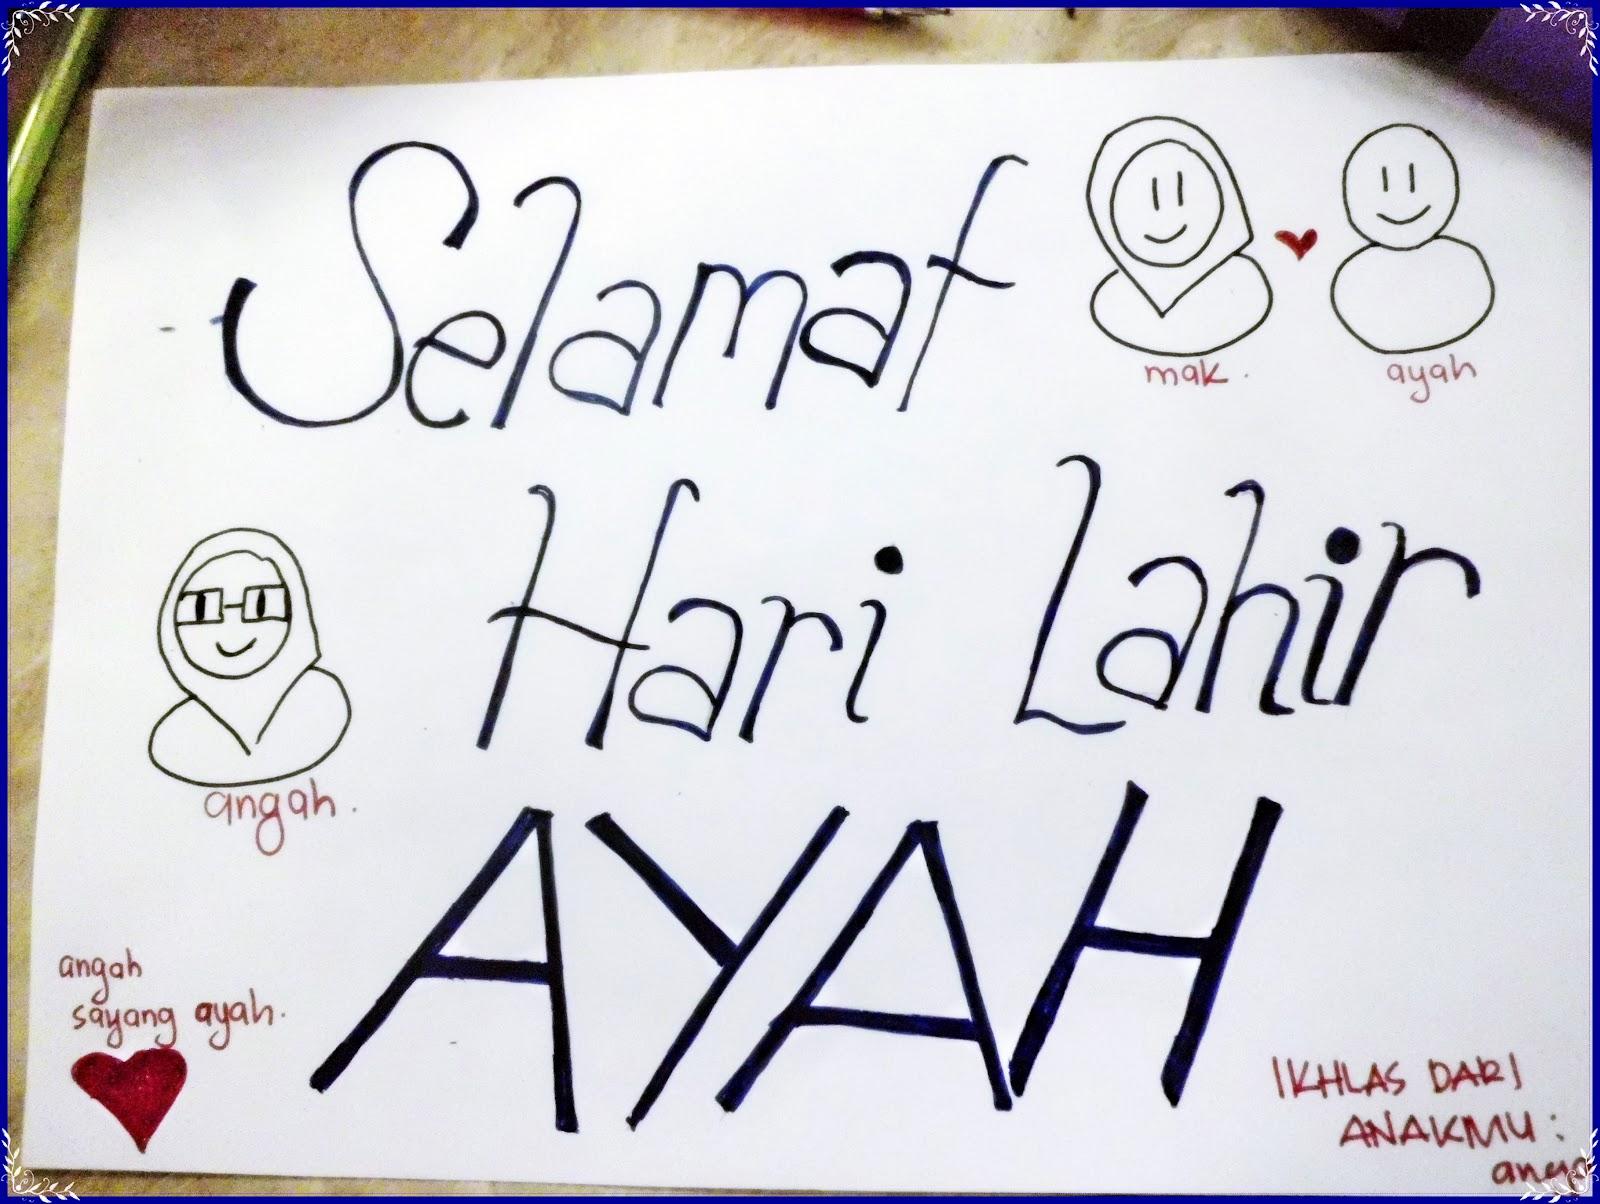 SELAMAT HARI LAHIR AYAH